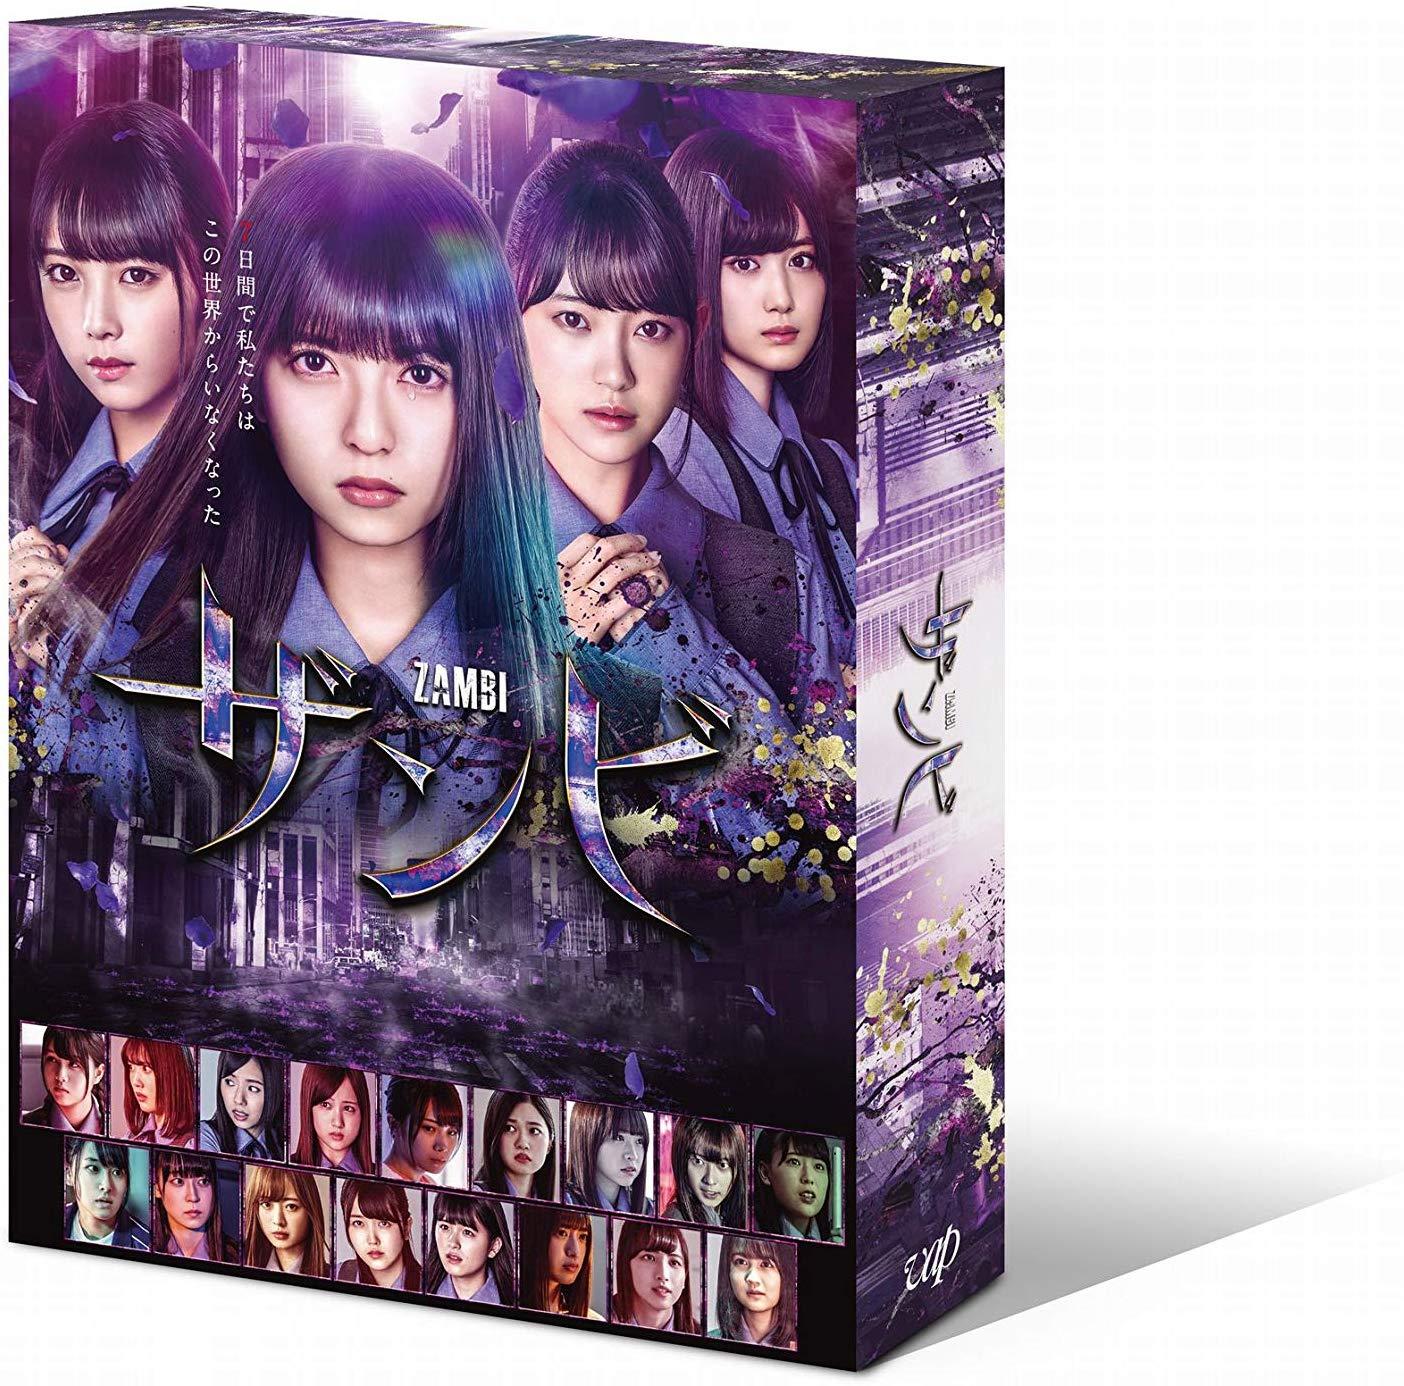 ドラマ「ザンビ」Blu-ray